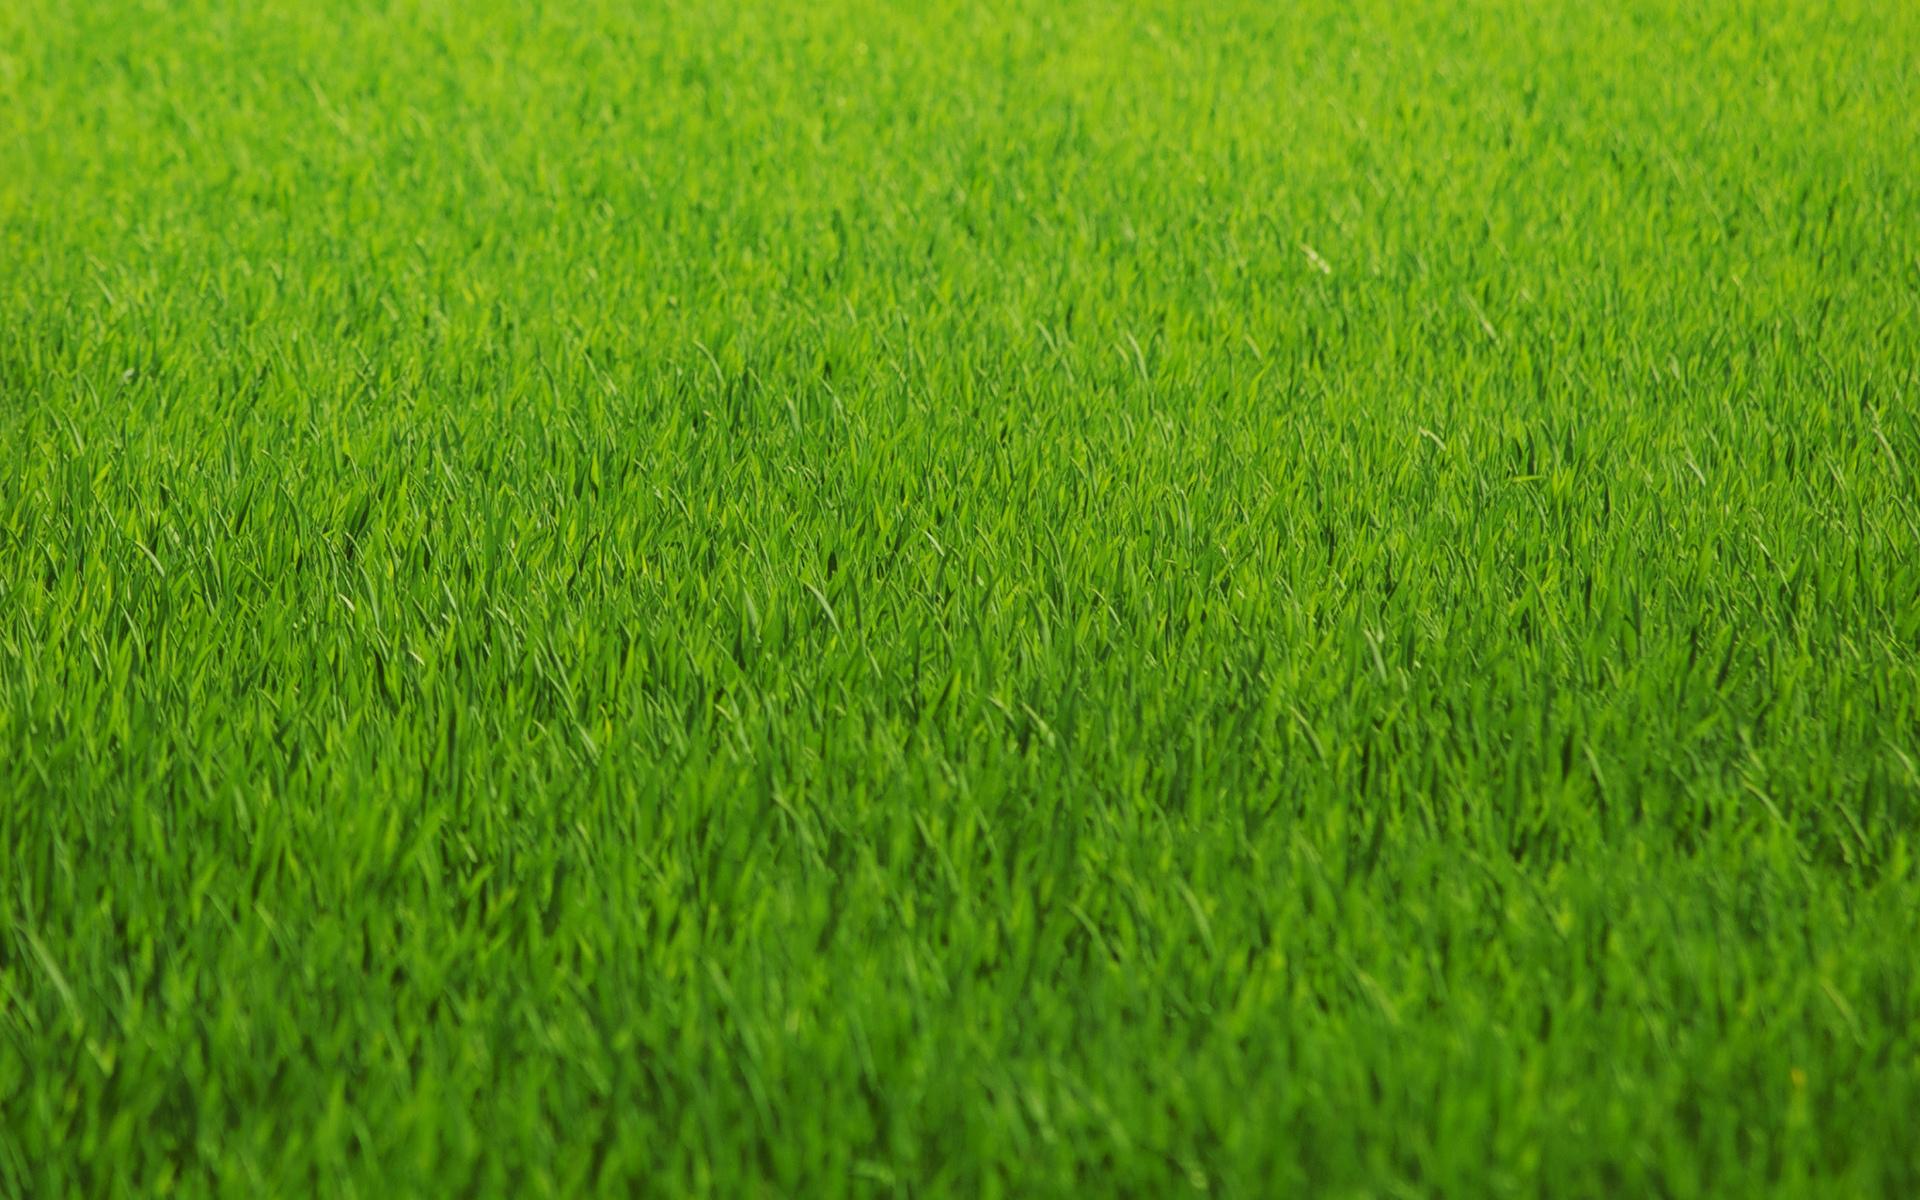 Textura de Grass - 1920x1200